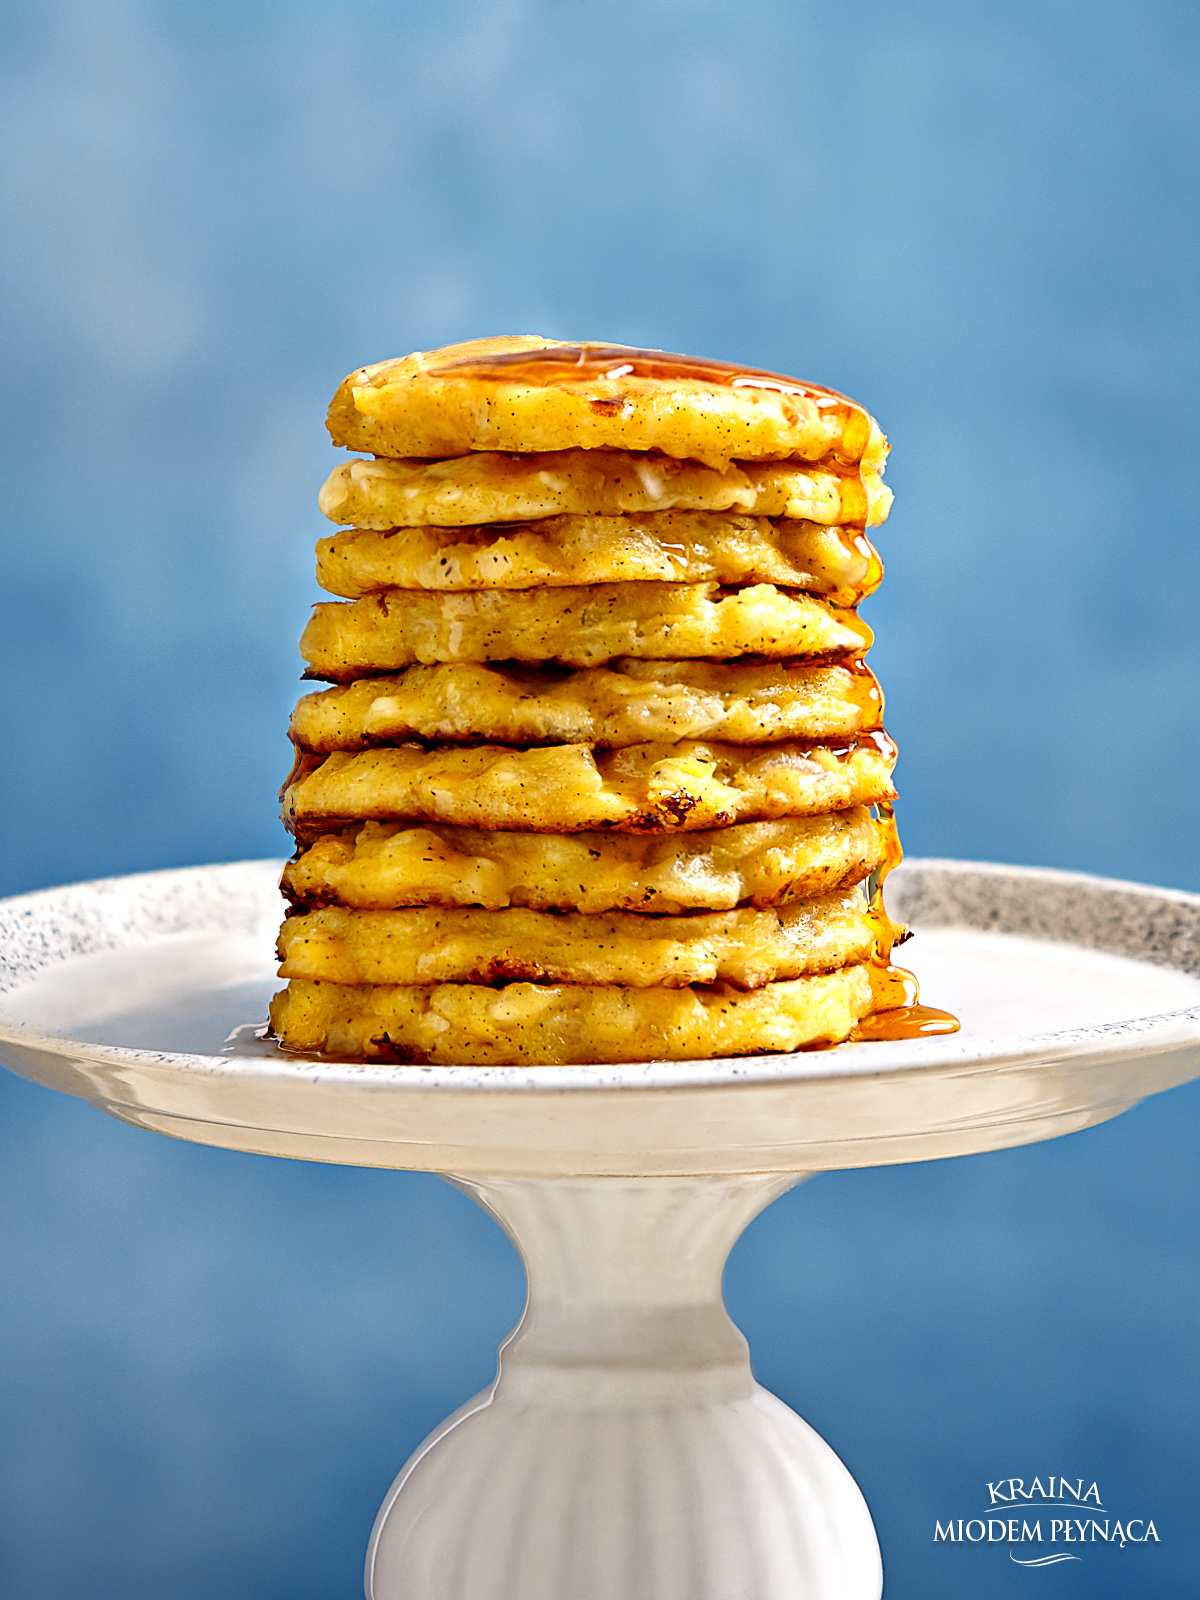 placki z jabłkiem, pancakes z jabłkiem, placki z serkiem wiejskim, pancakes z serkiem wiejskim, placki na serku, pancakes na serku, grube placki, deser z jabłkami, kraina miodem płynąca